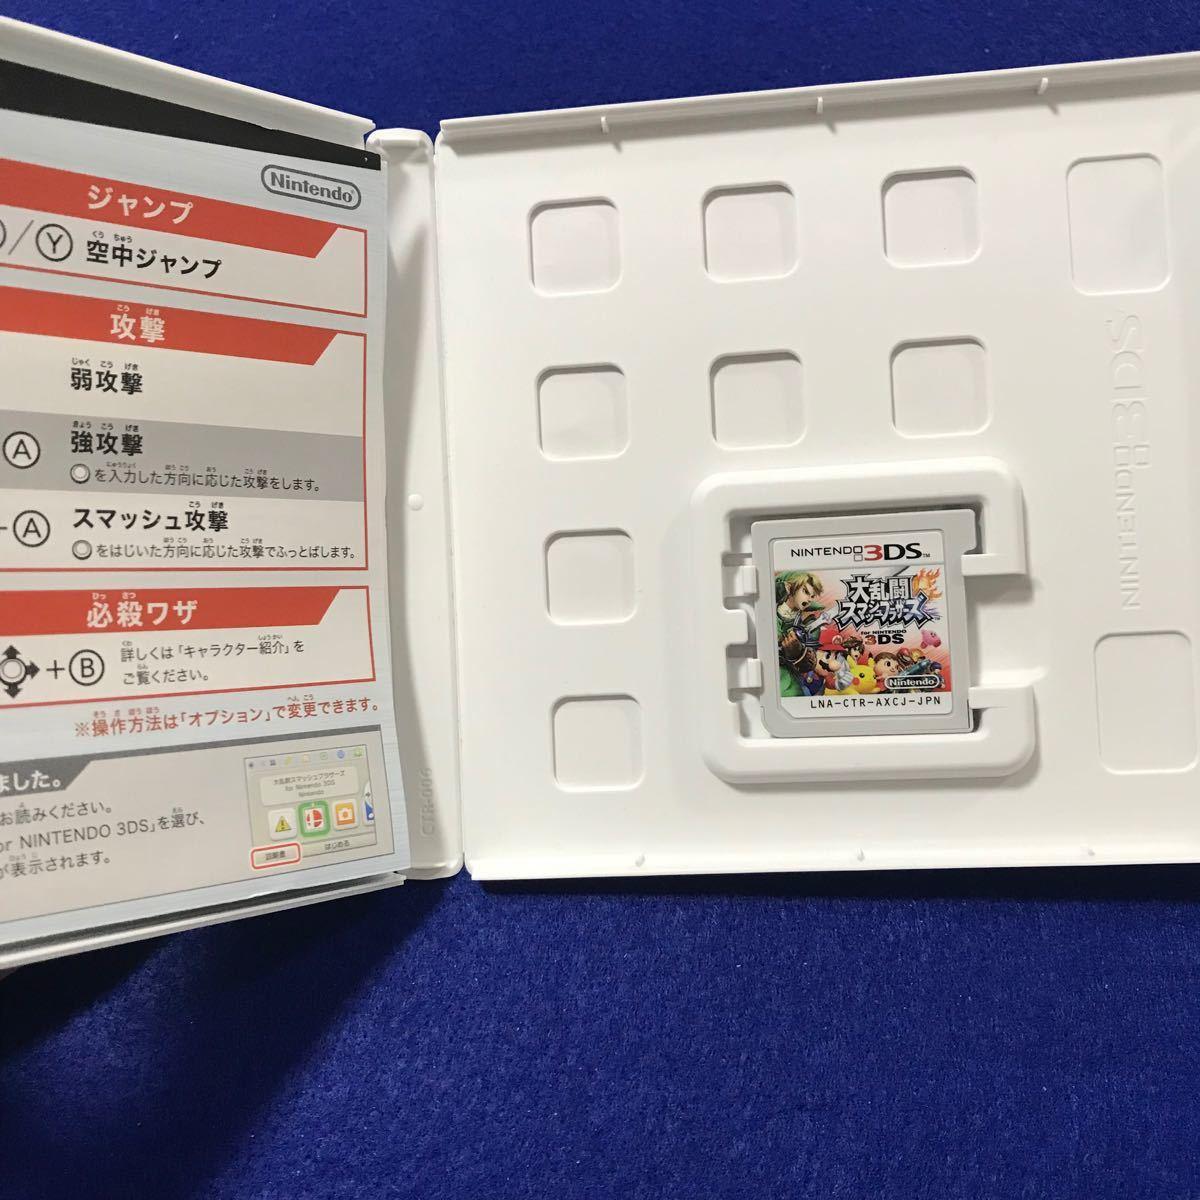 大乱闘スマッシュブラザーズ for Nintendo 3DS 3DS